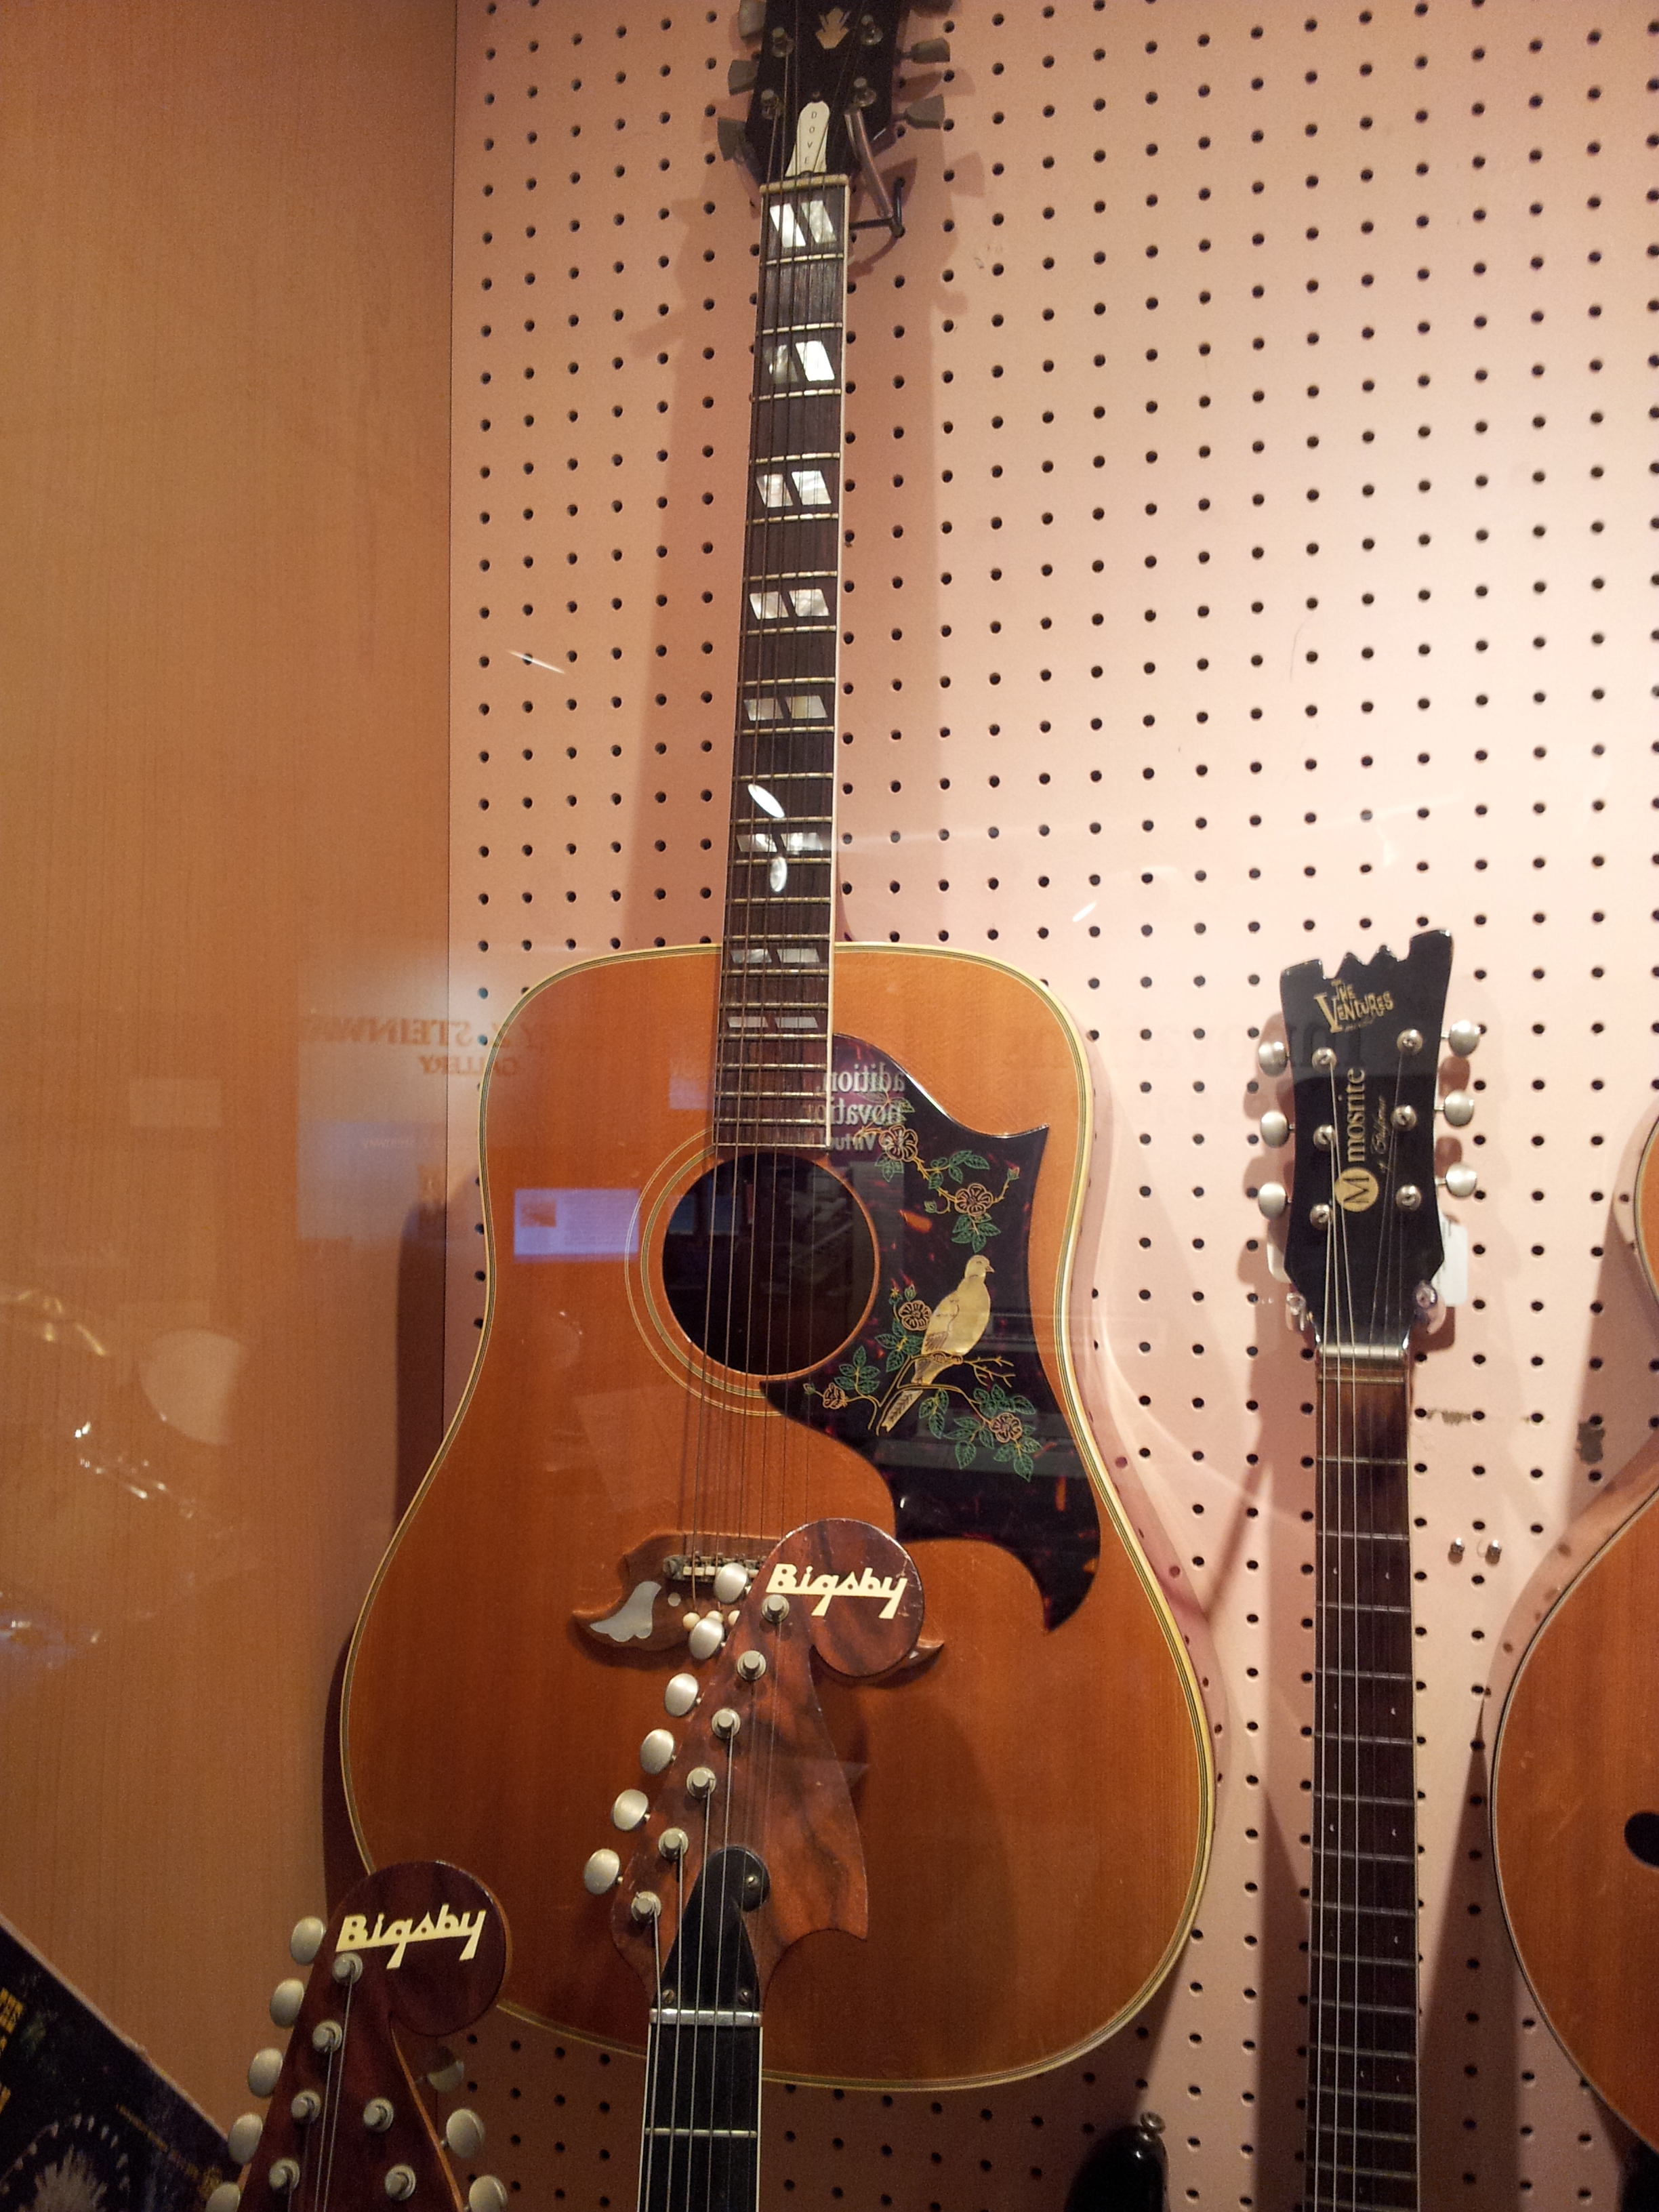 """Guitarra acústica Gibson Dove idéntica a la que Spinetta usó en Almendra. """"Le regalé a 'Pappo' mi guitarra 'Dow' (sic)... con la que compuse las canciones más hermosas que hice para Almendra... Fue como decirle: mirá, tomá, no te desprendas jamás de esto""""."""